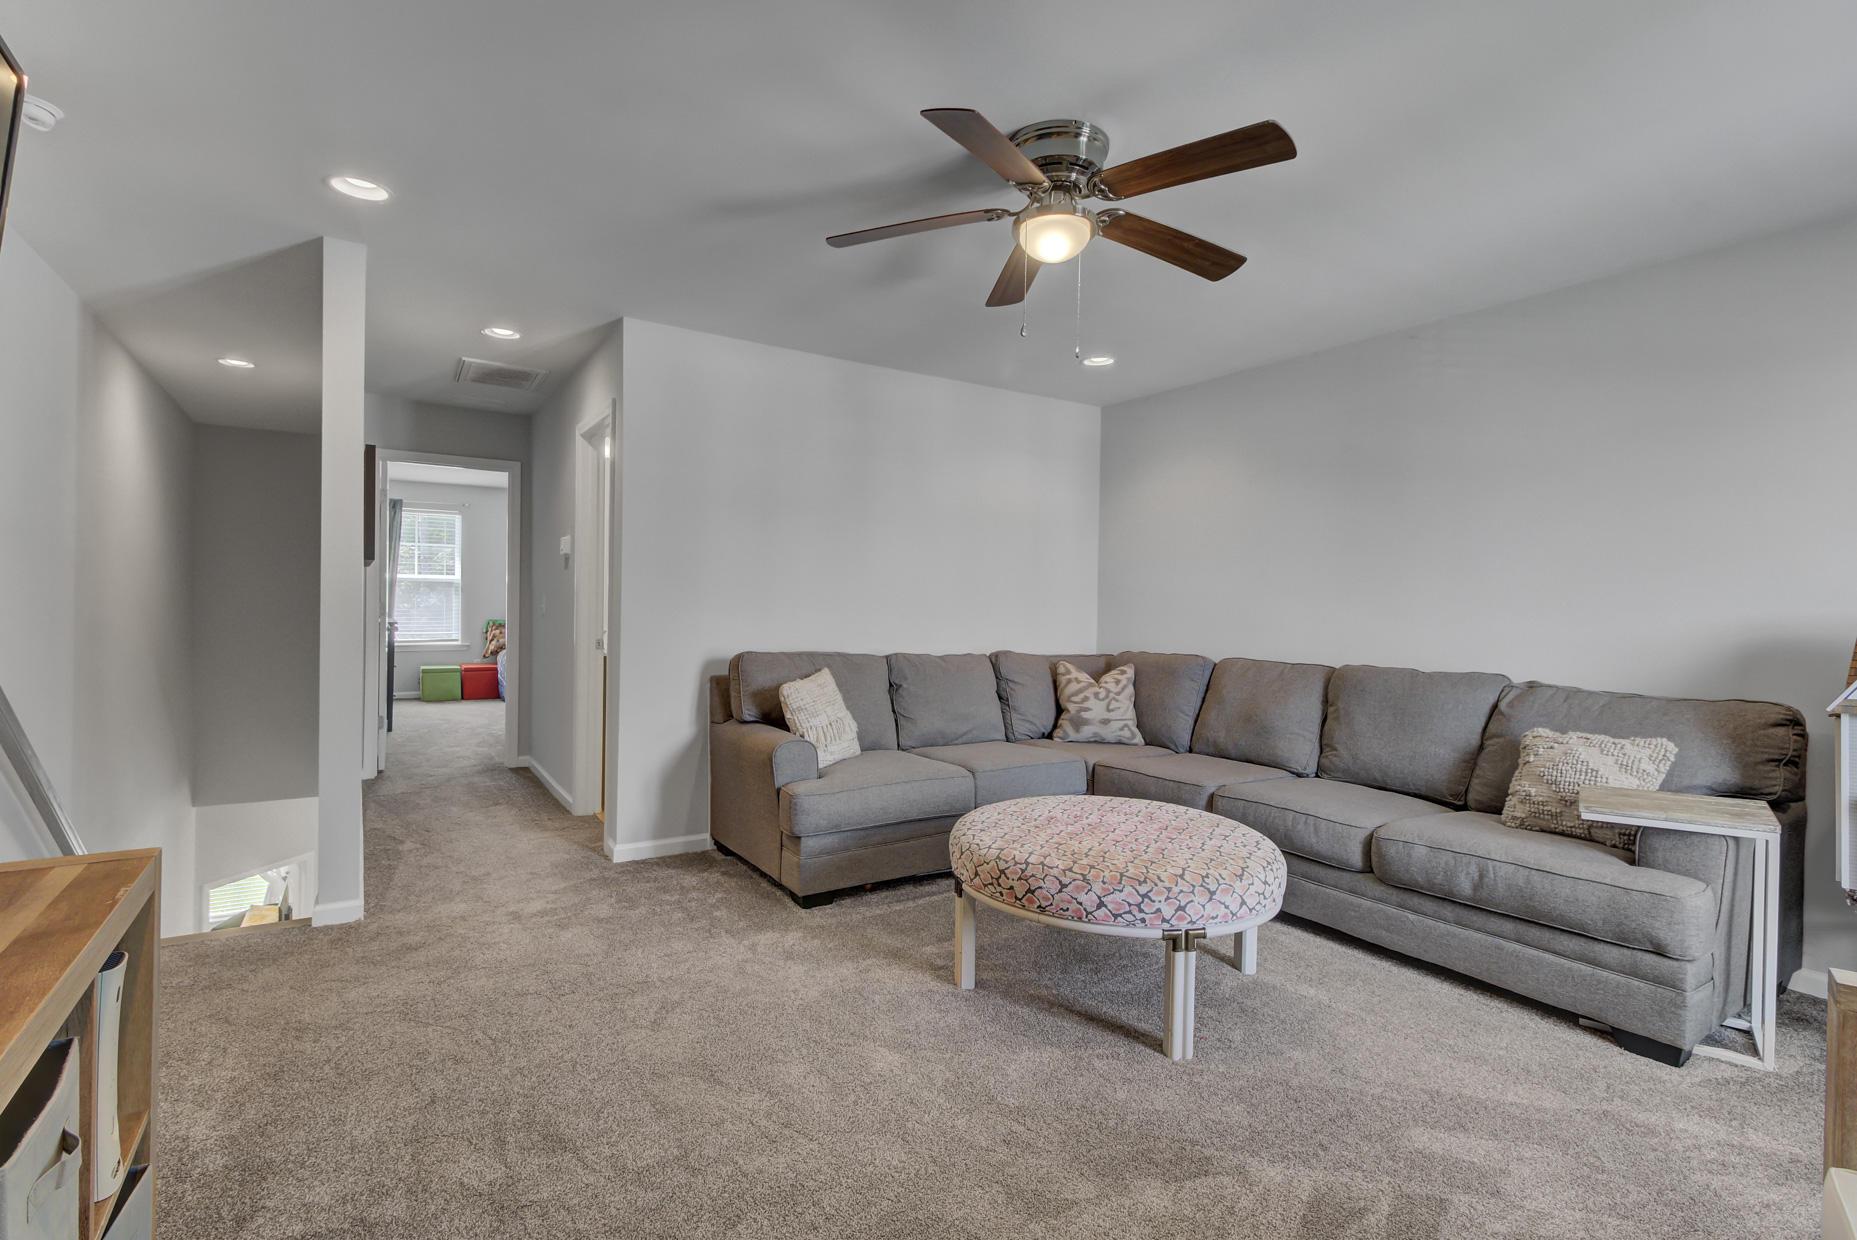 Park West Homes For Sale - 2566 Kingsfield, Mount Pleasant, SC - 35